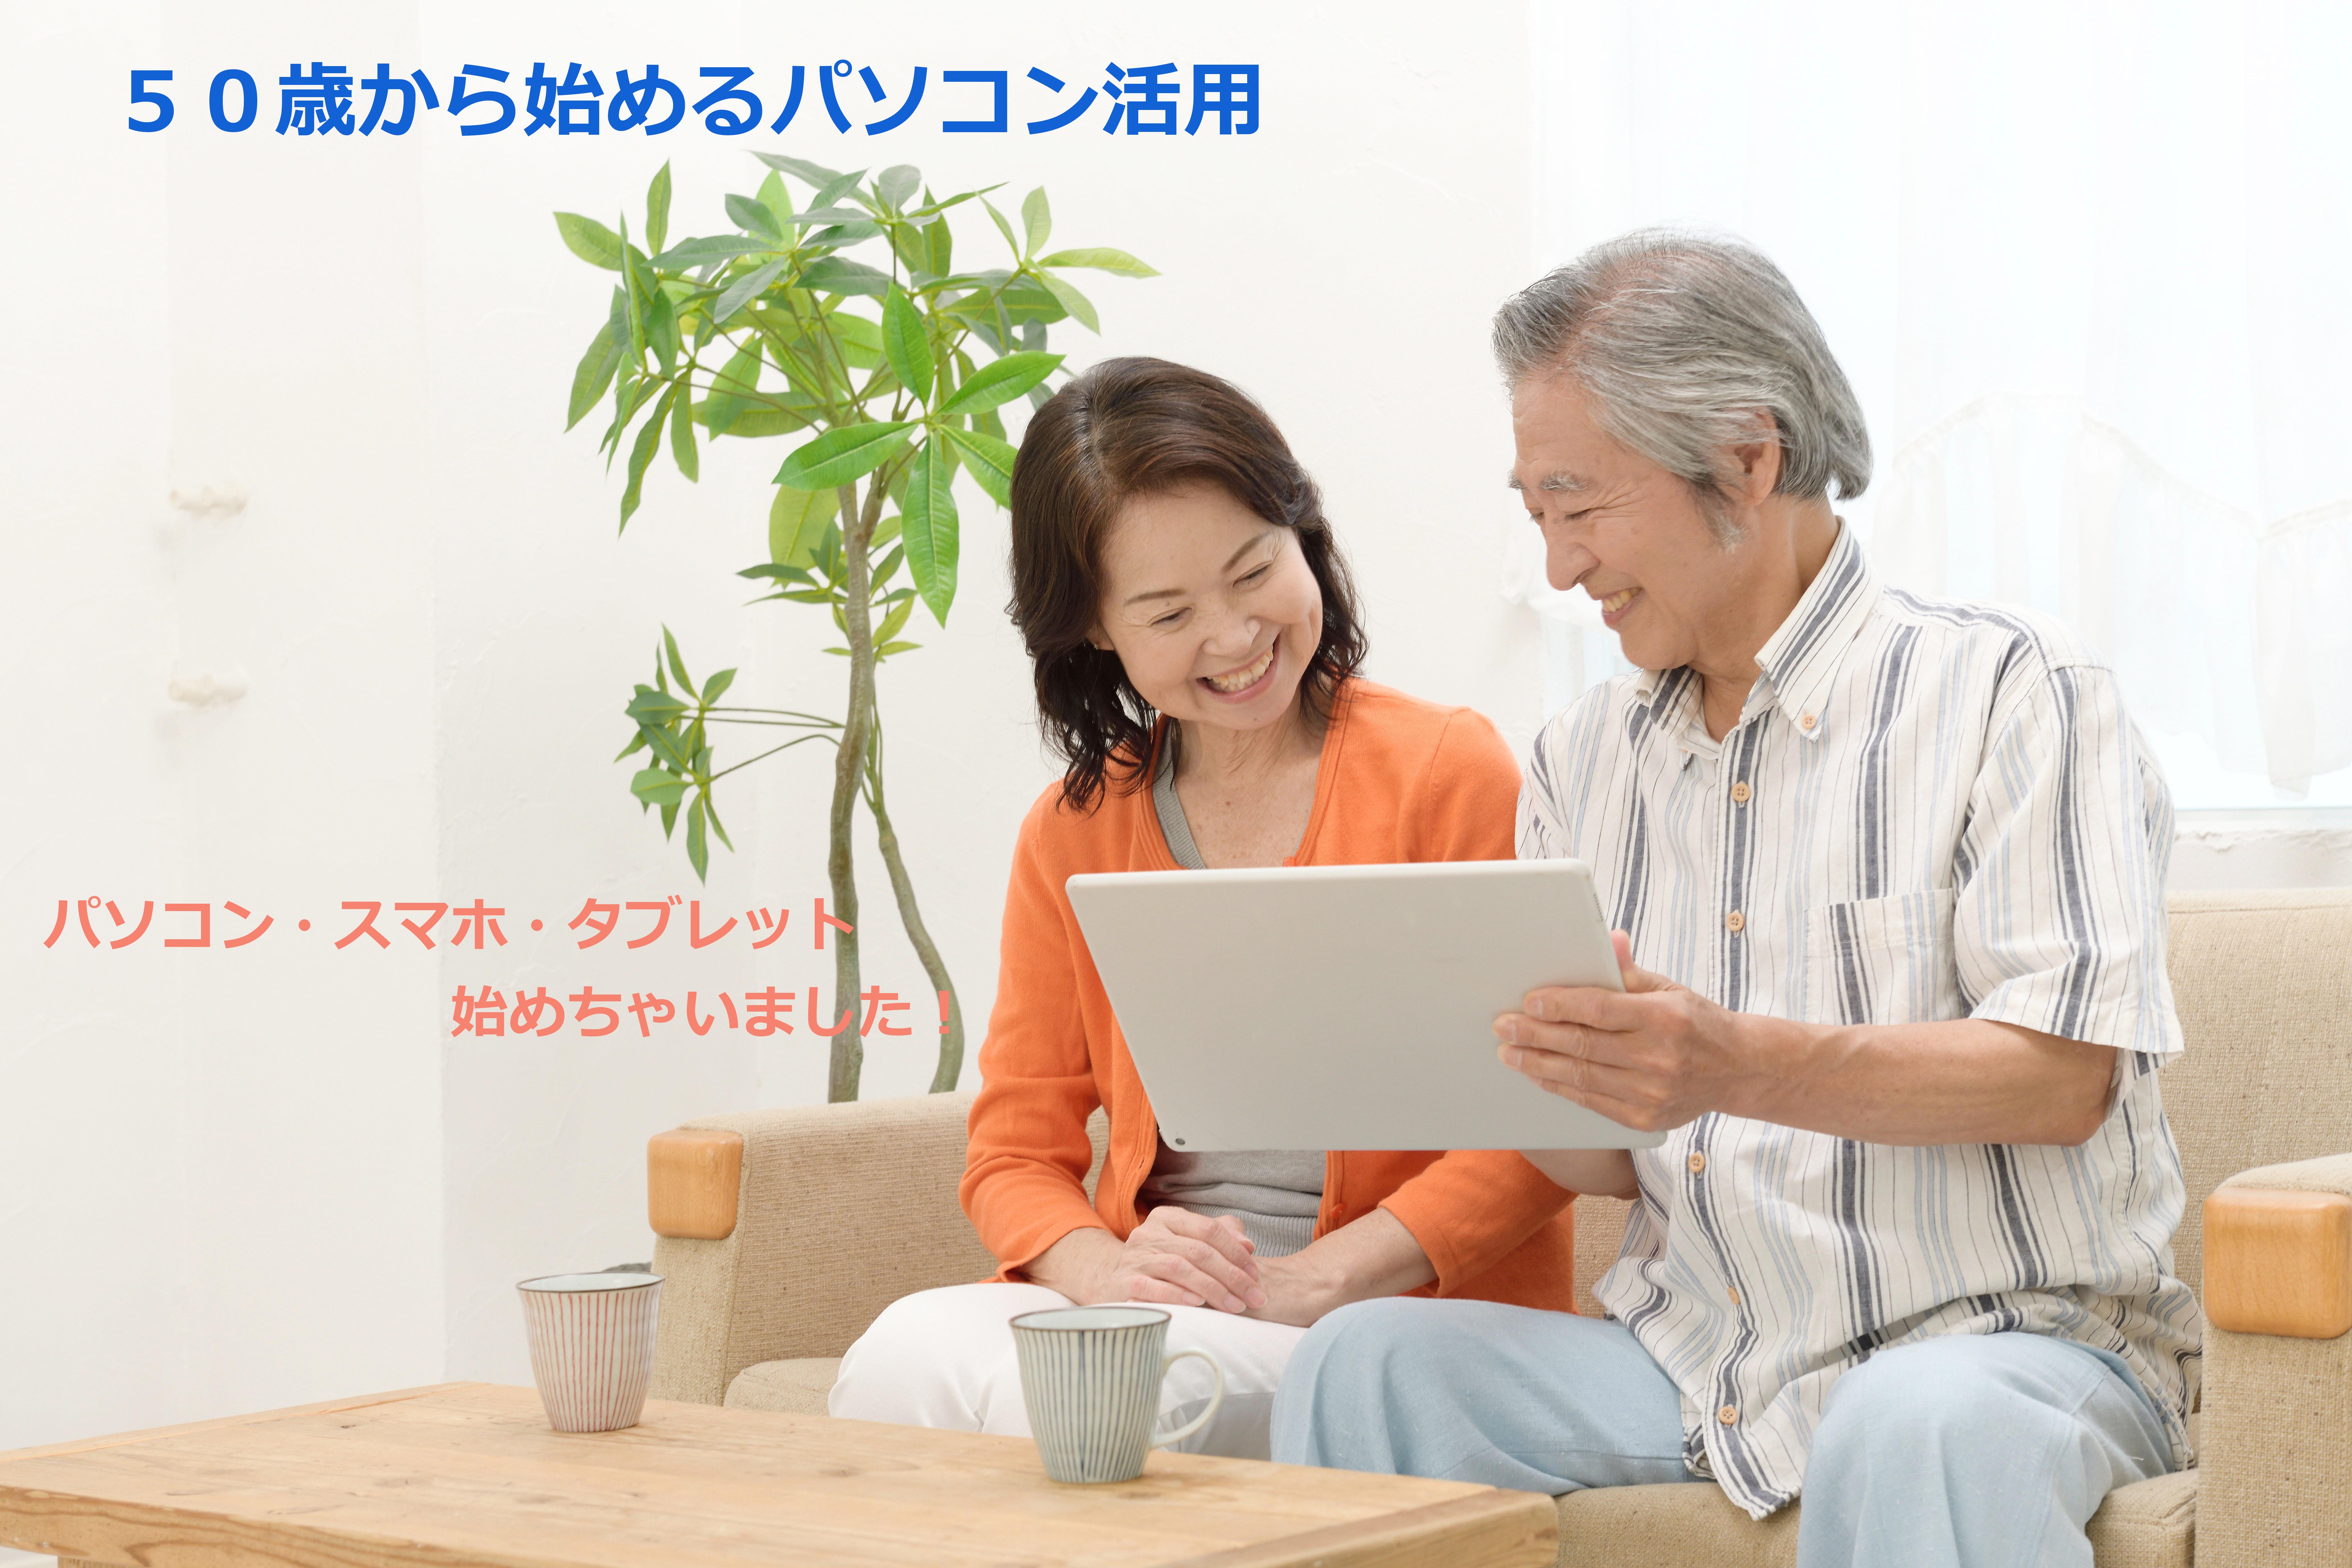 50歳から始めるパソコン活用